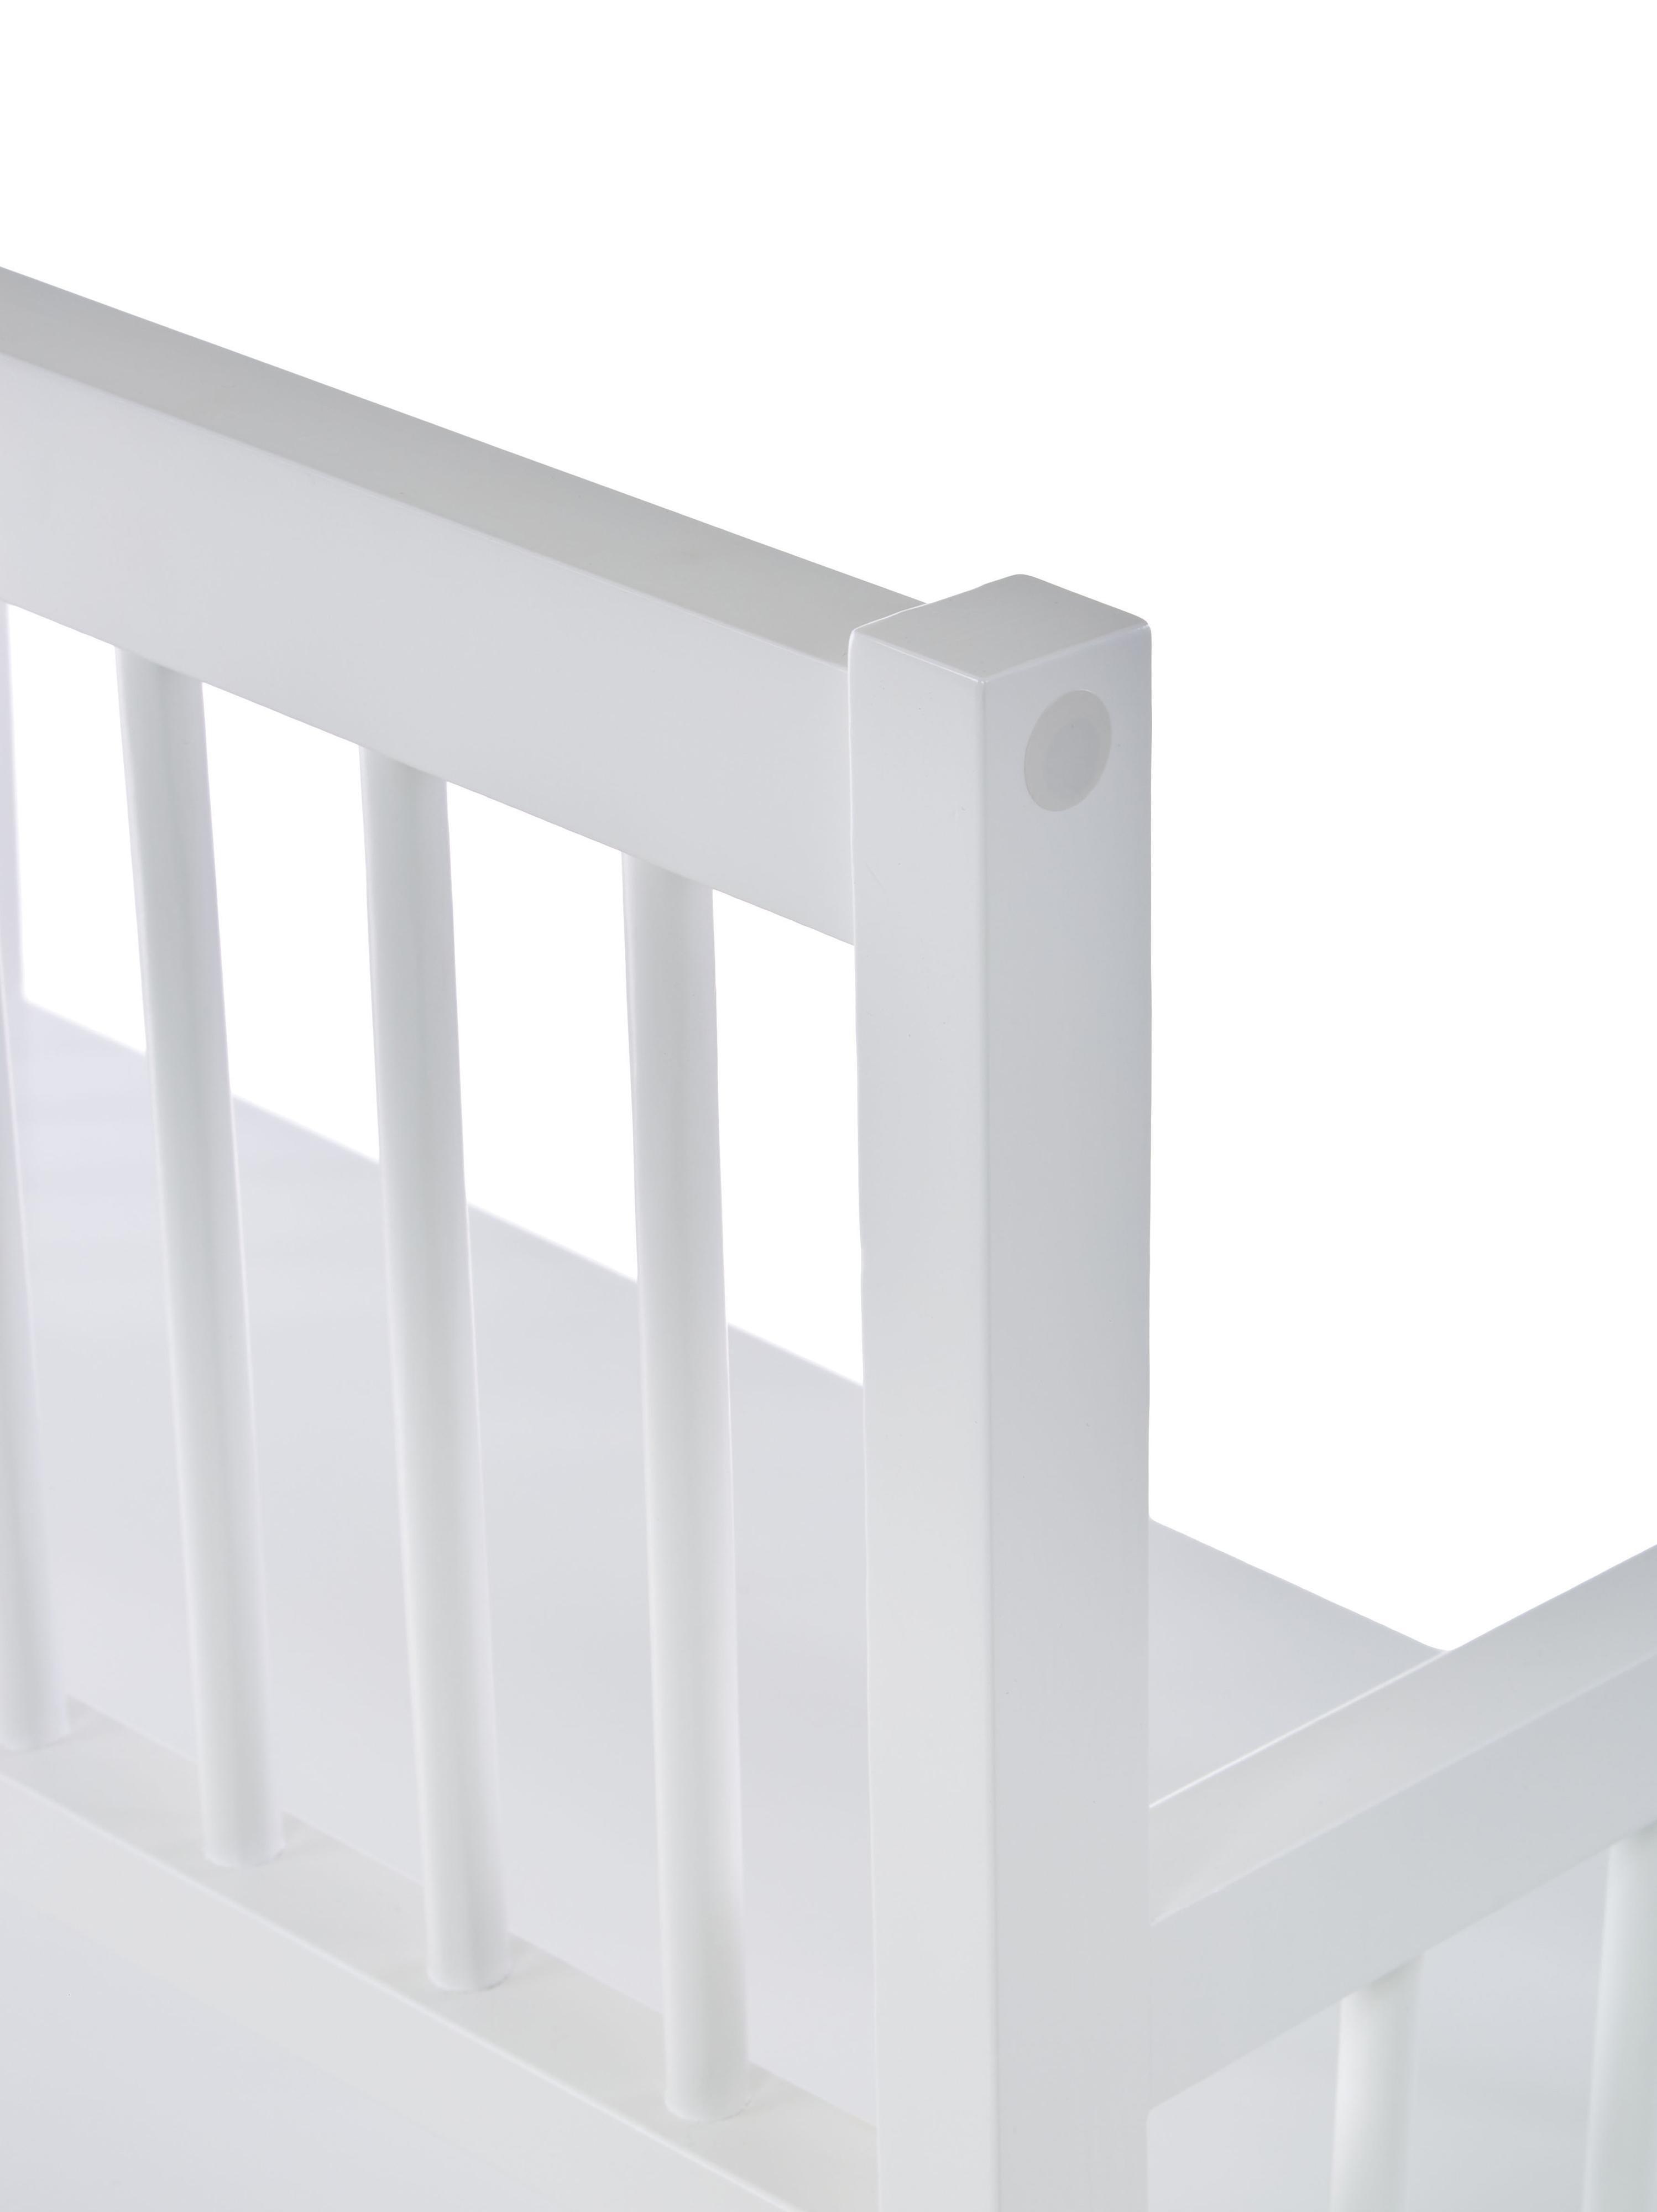 Banco Emma, con espacio de almacenamiento, Tapizado: poliéster, Estructura: tablero de fibras de dens, Blanco, An 90 x Al 85 cm